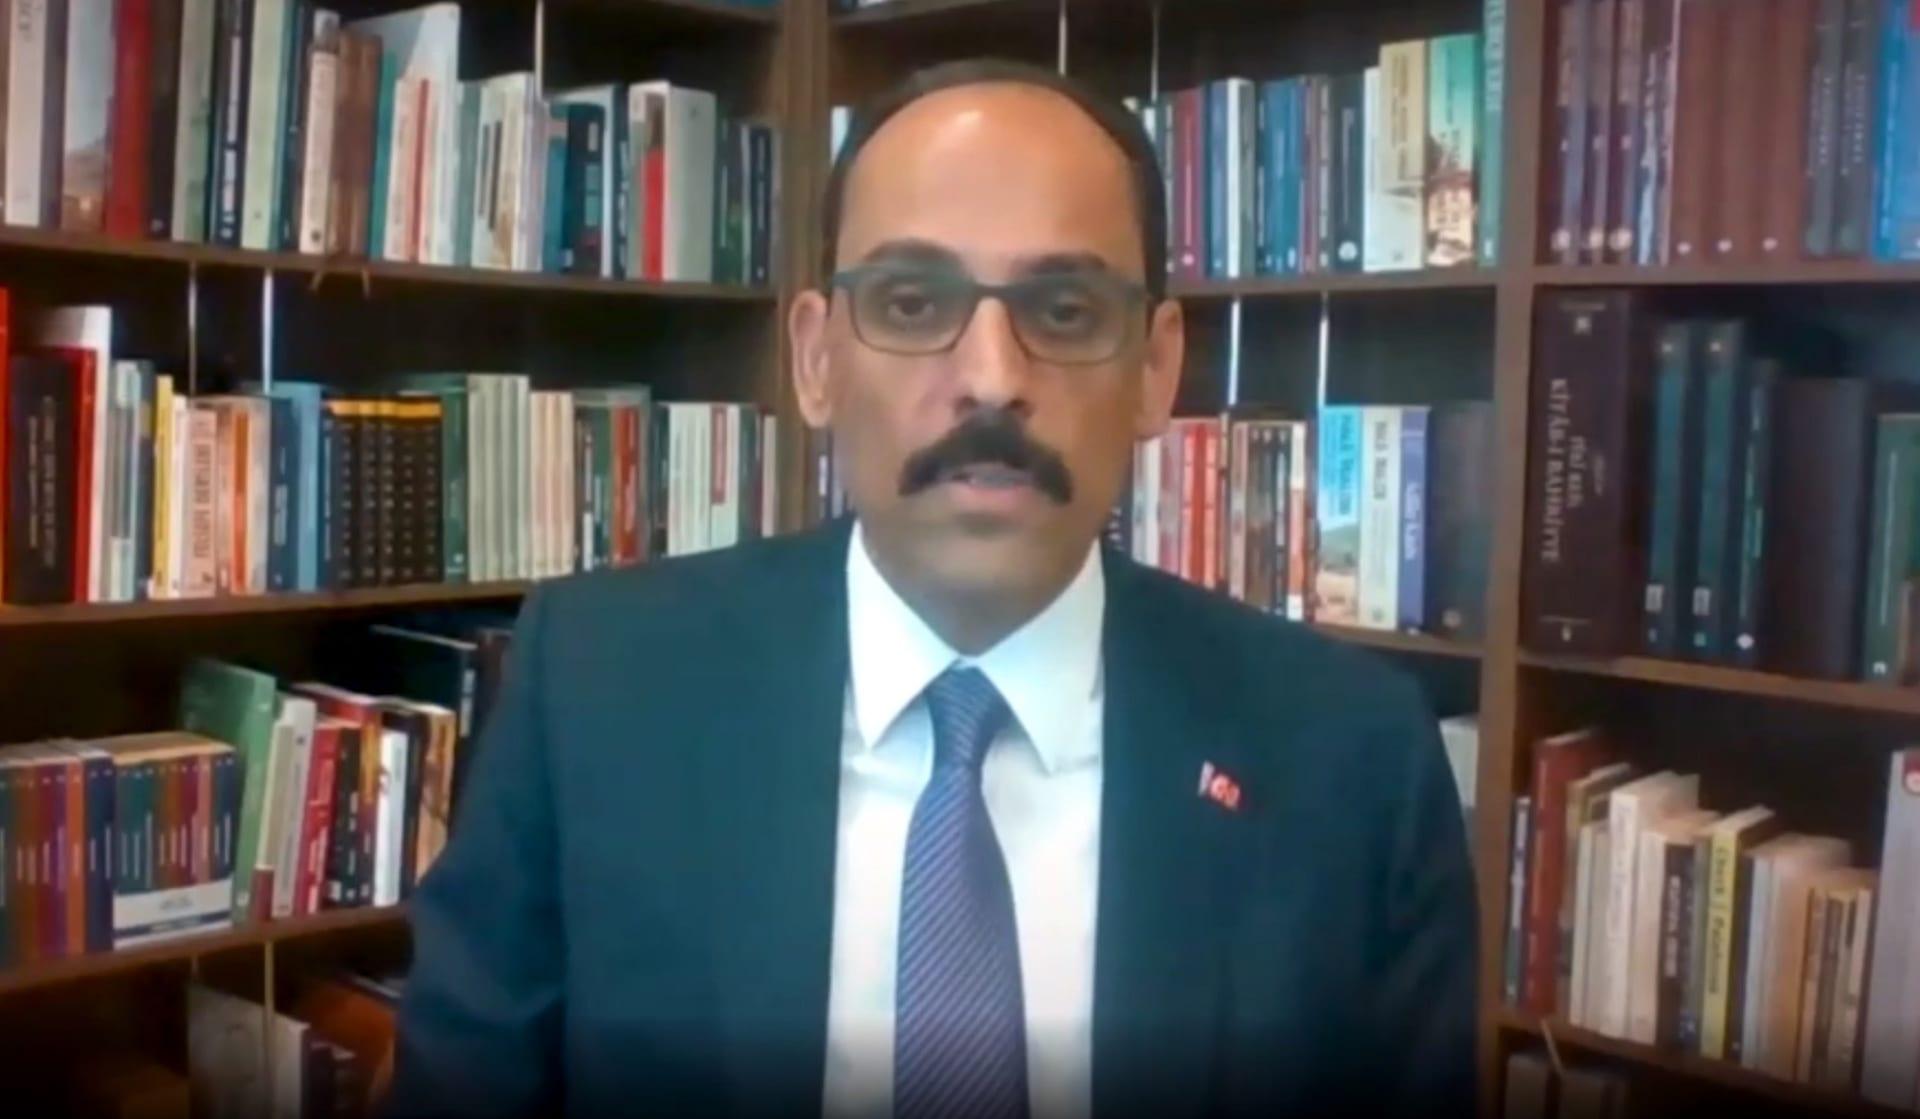 إبراهيم قالن المتحدث باسم الرئاسة التركية في حوار مع CNN